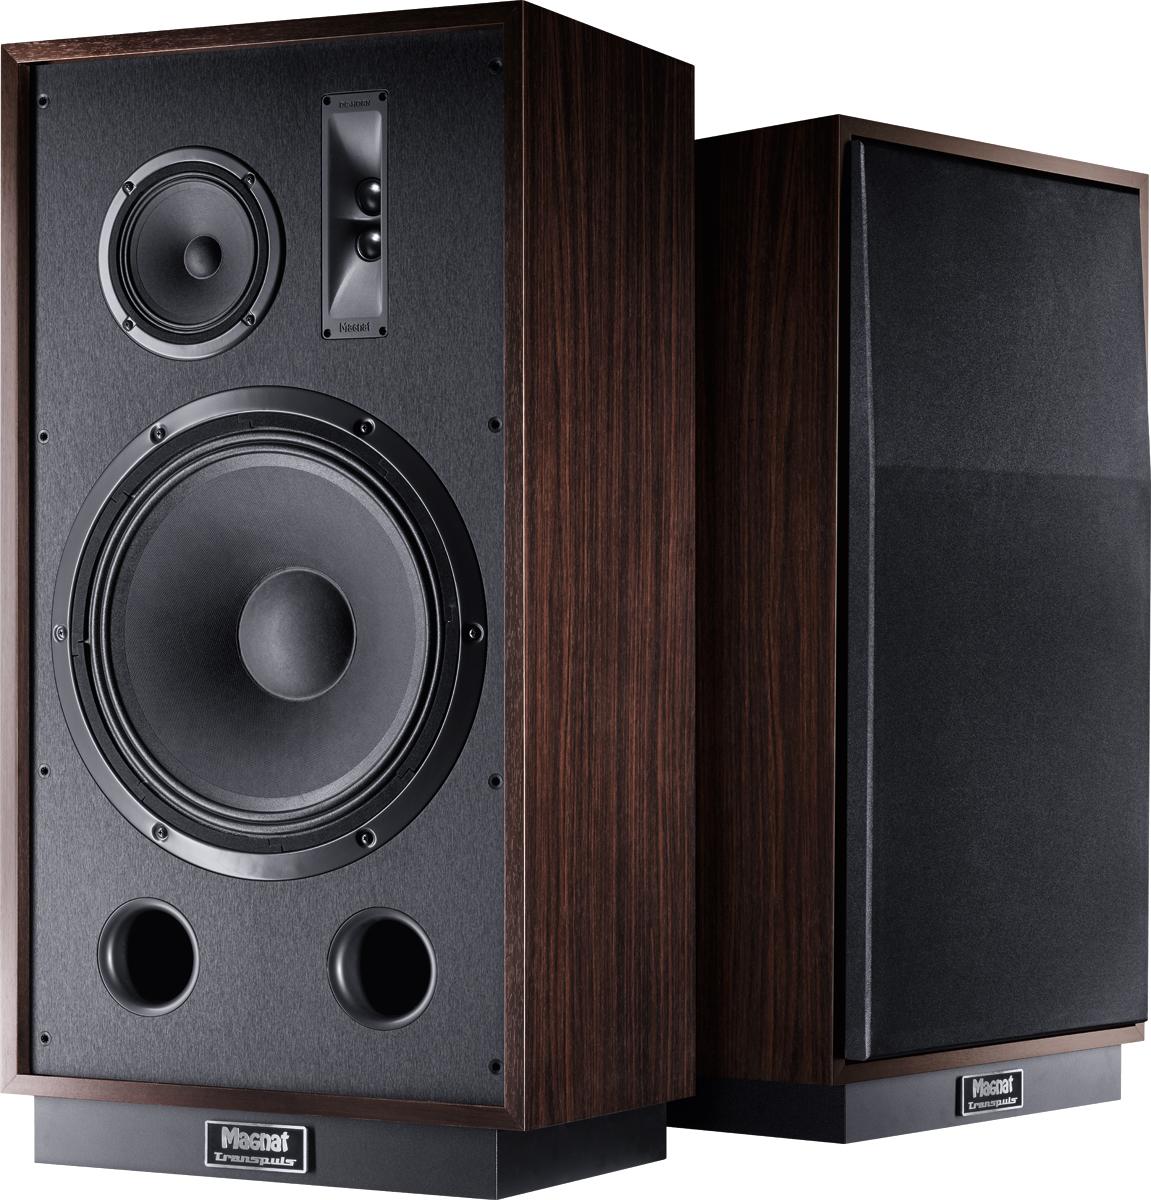 Retro Lautsprecher mit hohem Wirkungsgrad